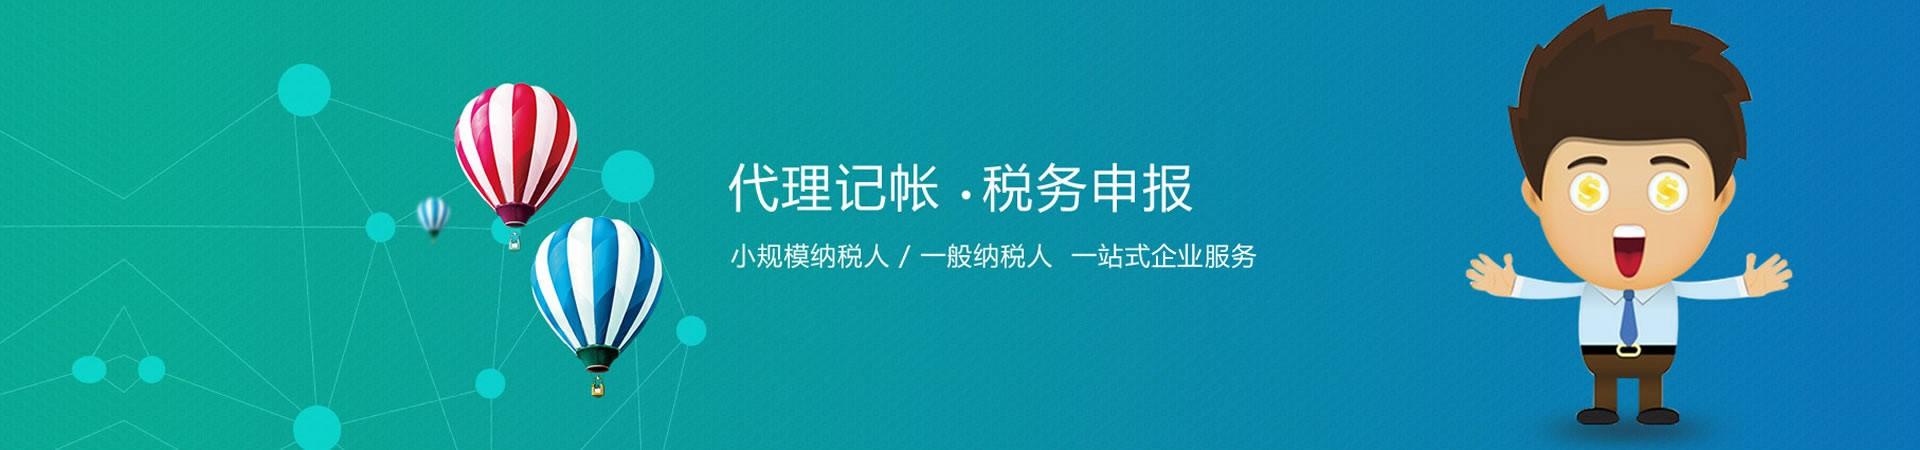 泰安营业执照注册推荐你请查收:来自知识产权人的一封情书